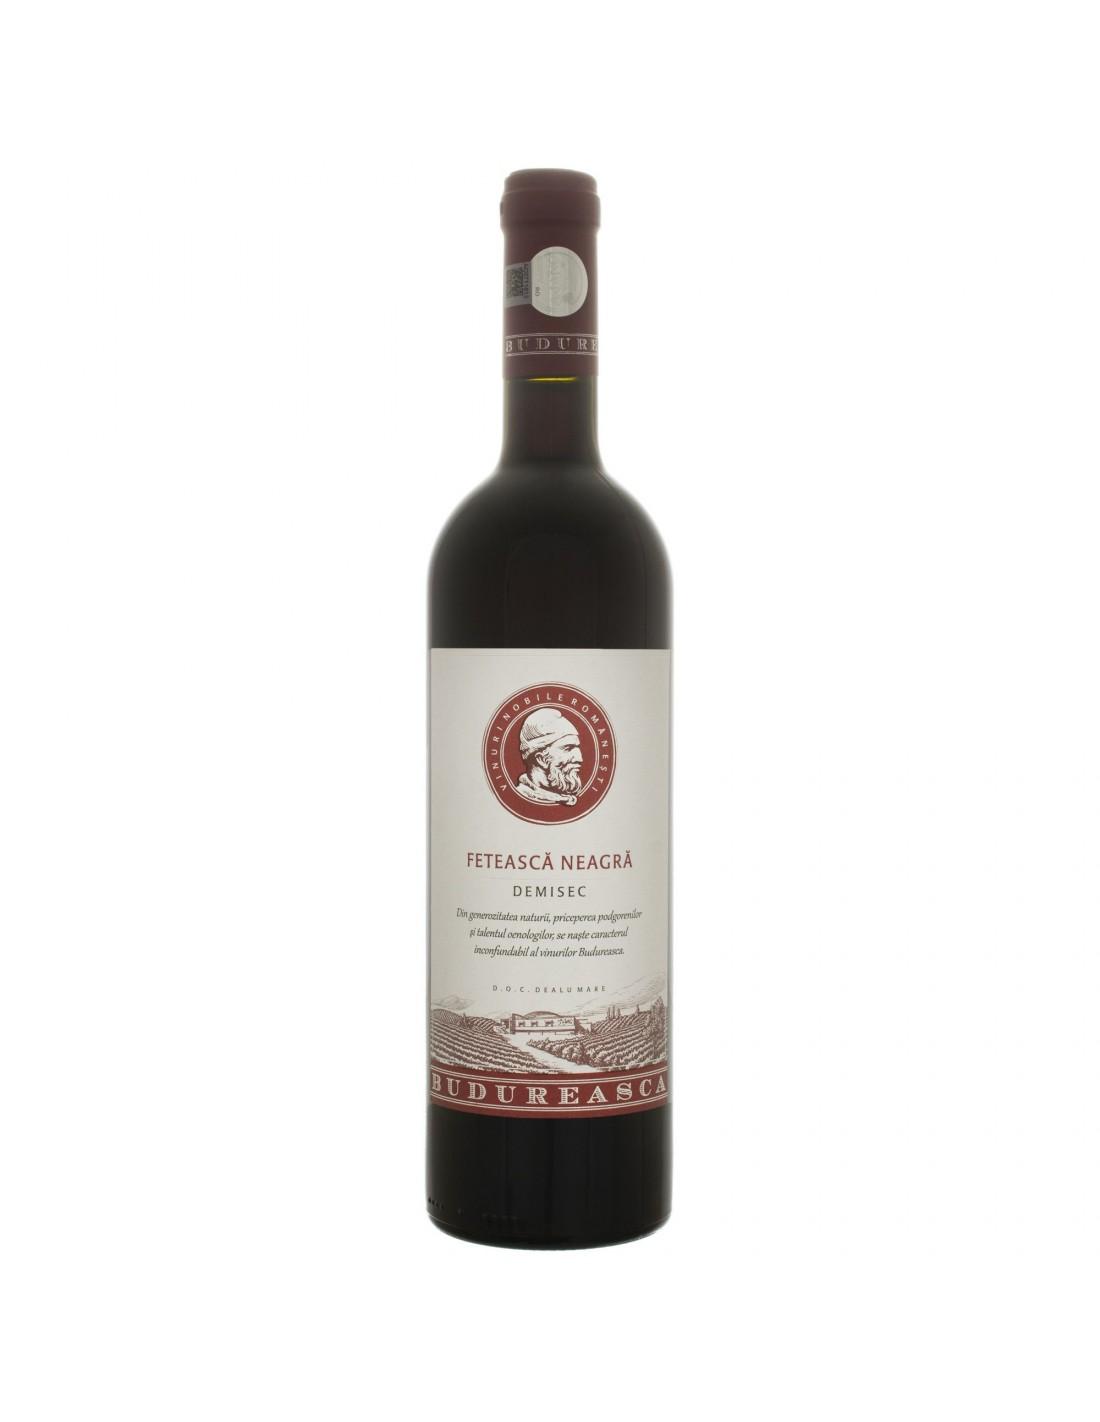 Vin rosu demisec, Feteasca Neagra, Budureasca Dealu Mare, 0.75L, 14.5% alc., Romania